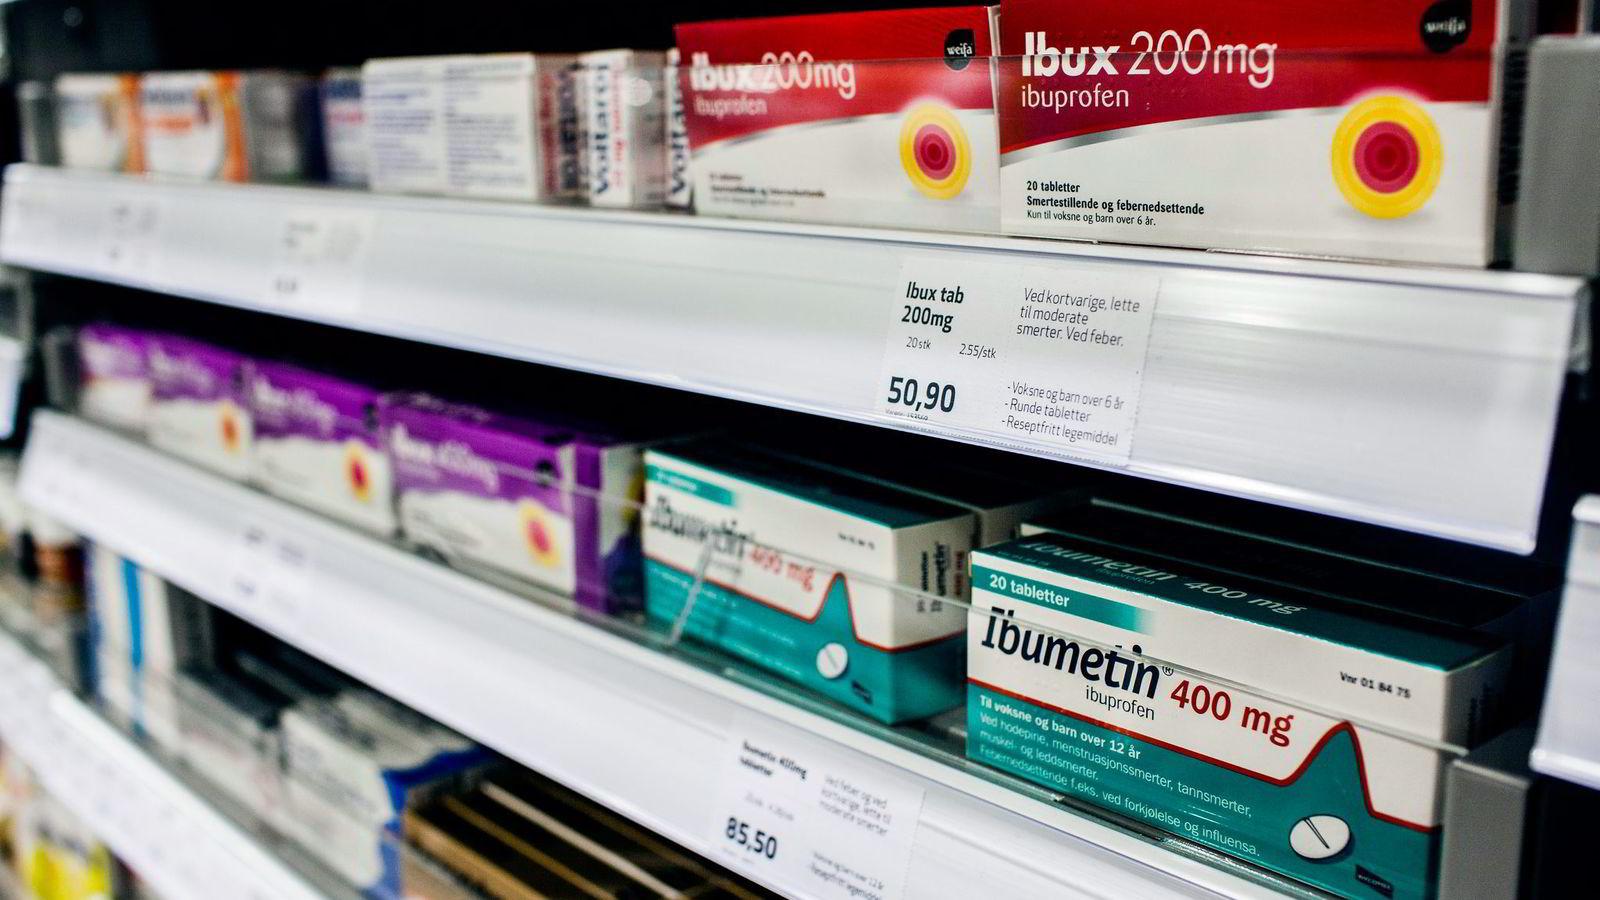 Fra nyttår får norske tv-kanaler mulighet til å sende reklame for reseptfrie legemidler. Farmasiforbundet og Norges Farmaceutiske Forening er skeptiske.